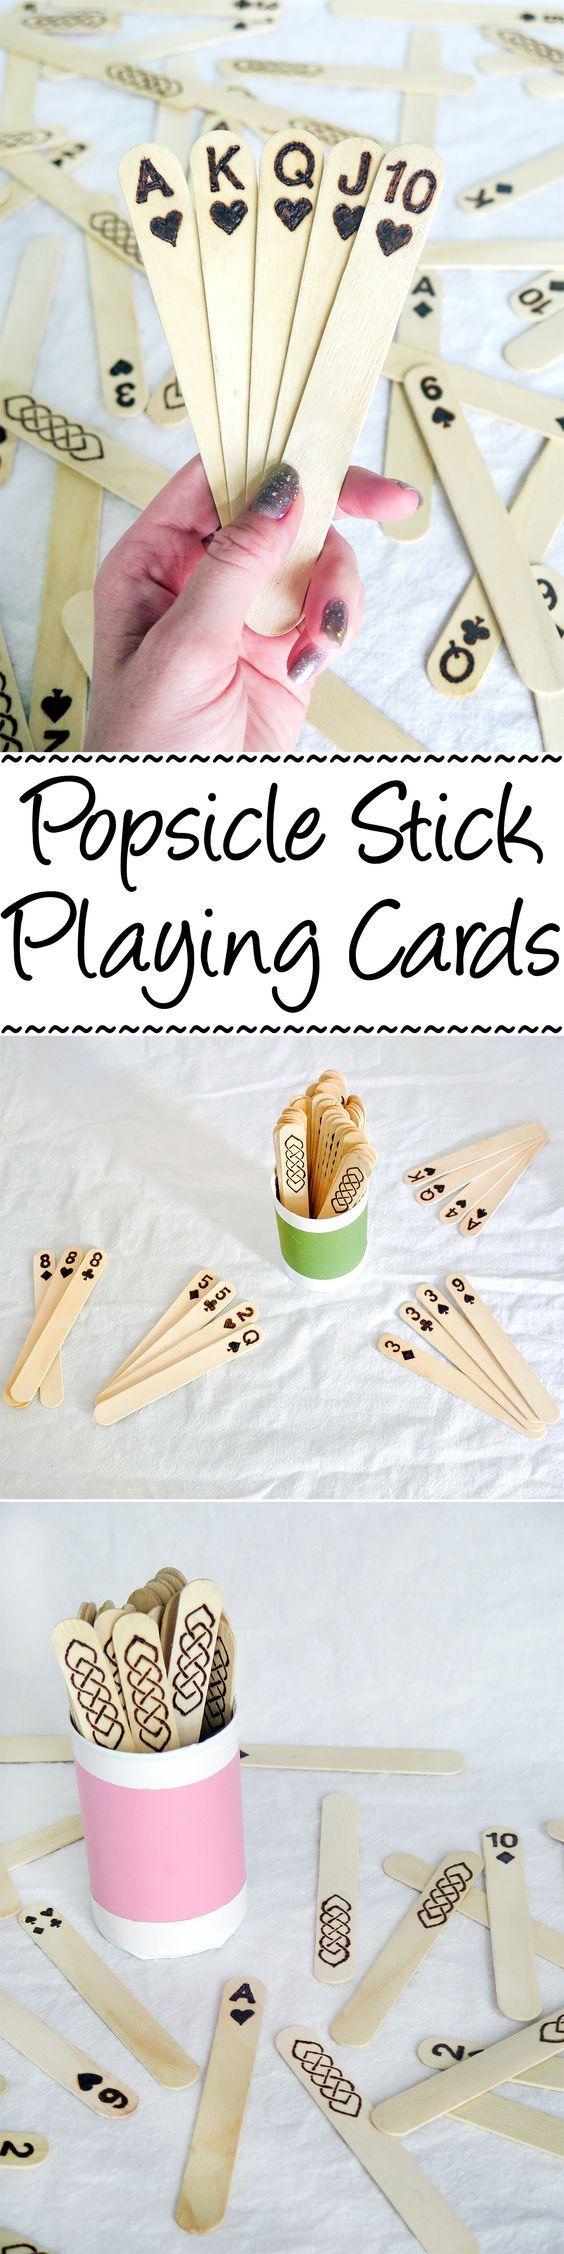 Masz zużyte patyczki do lodów? Wykorzystaj je i stwórz karty do gry :) // http://www.ubieranki.eu/